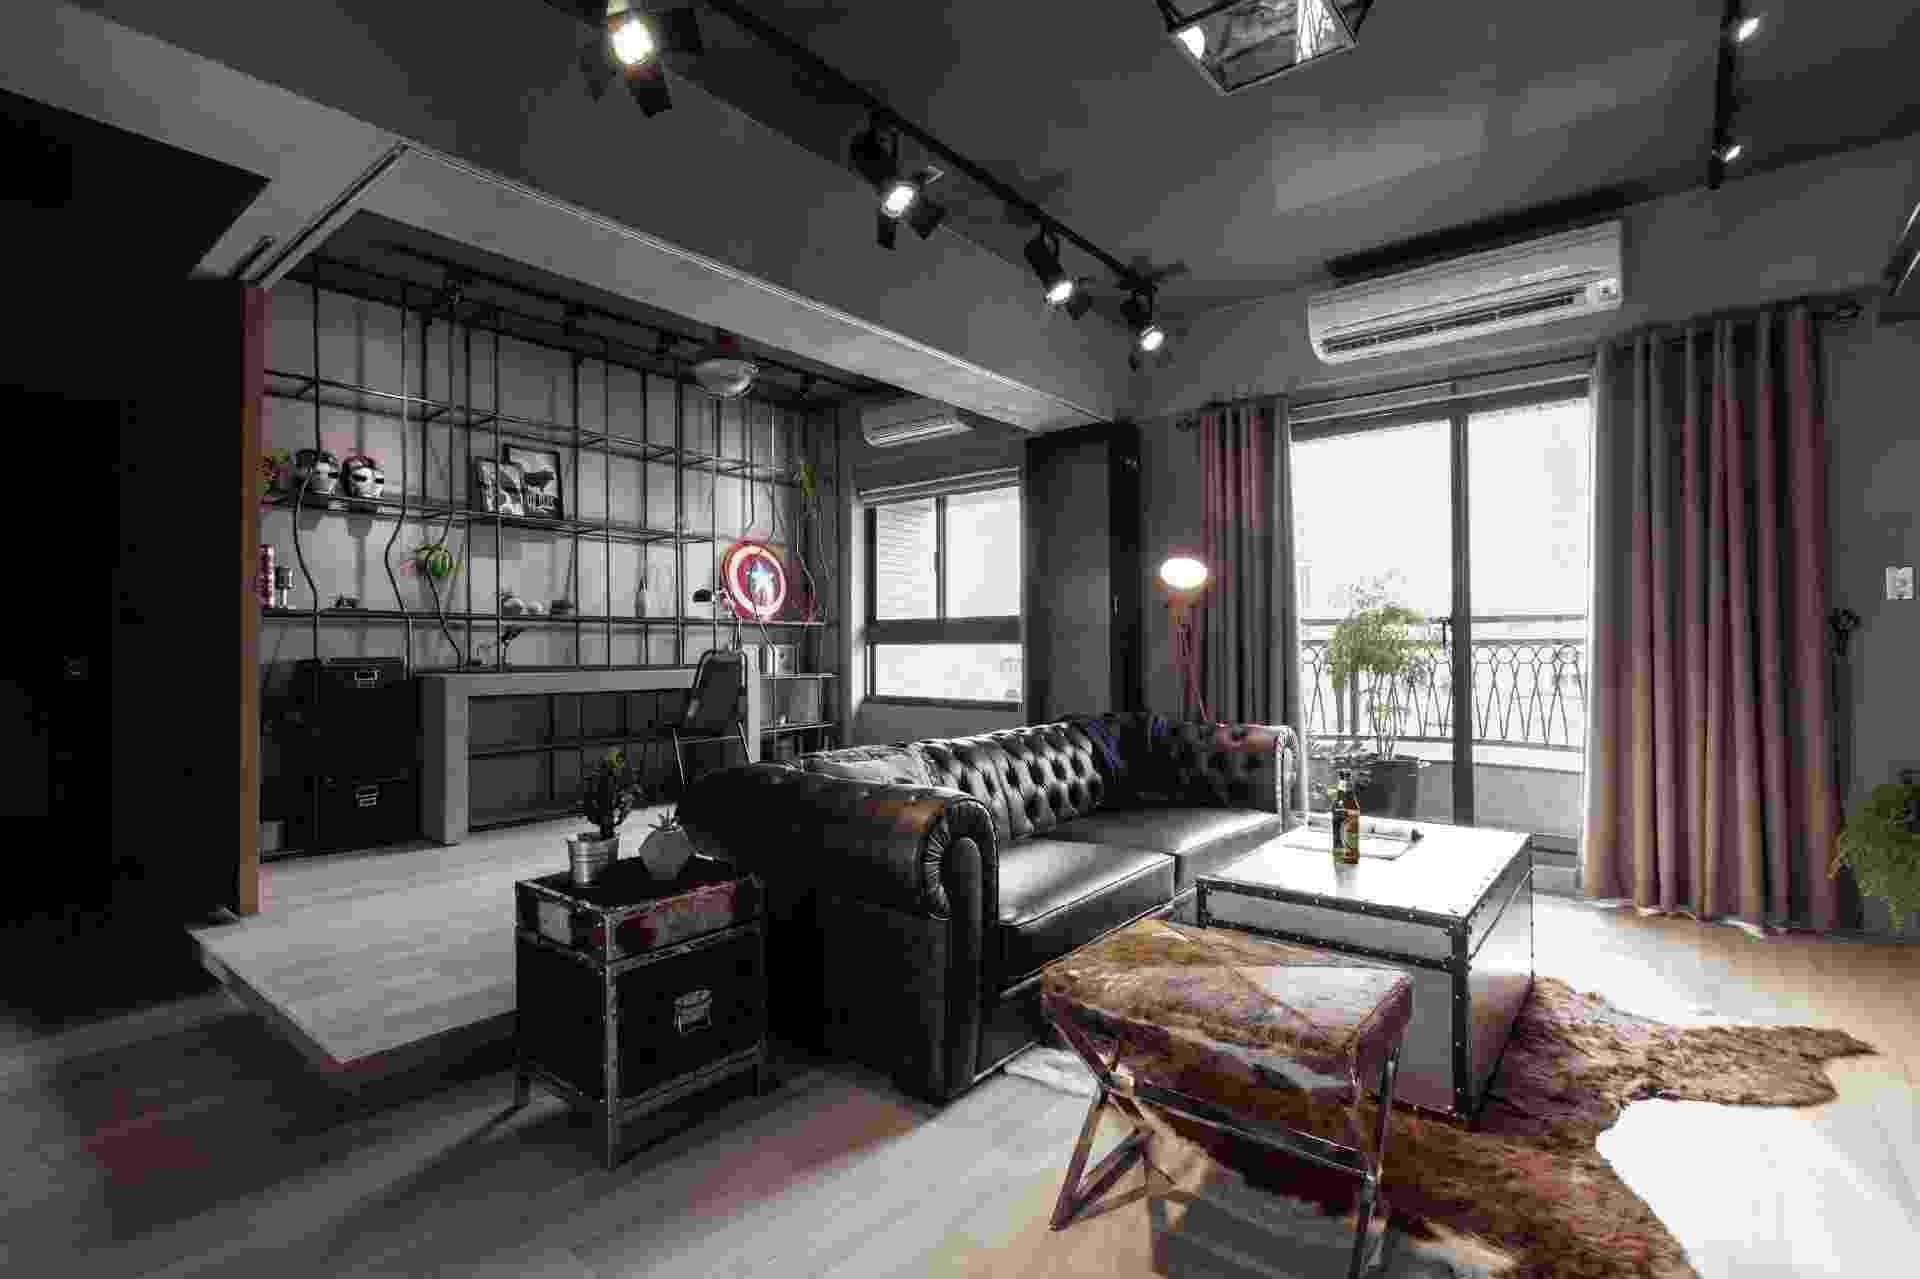 Decoração industrial: inspire-se no estilo para todos cômodos da sua casa - Reprodução/Pinterest